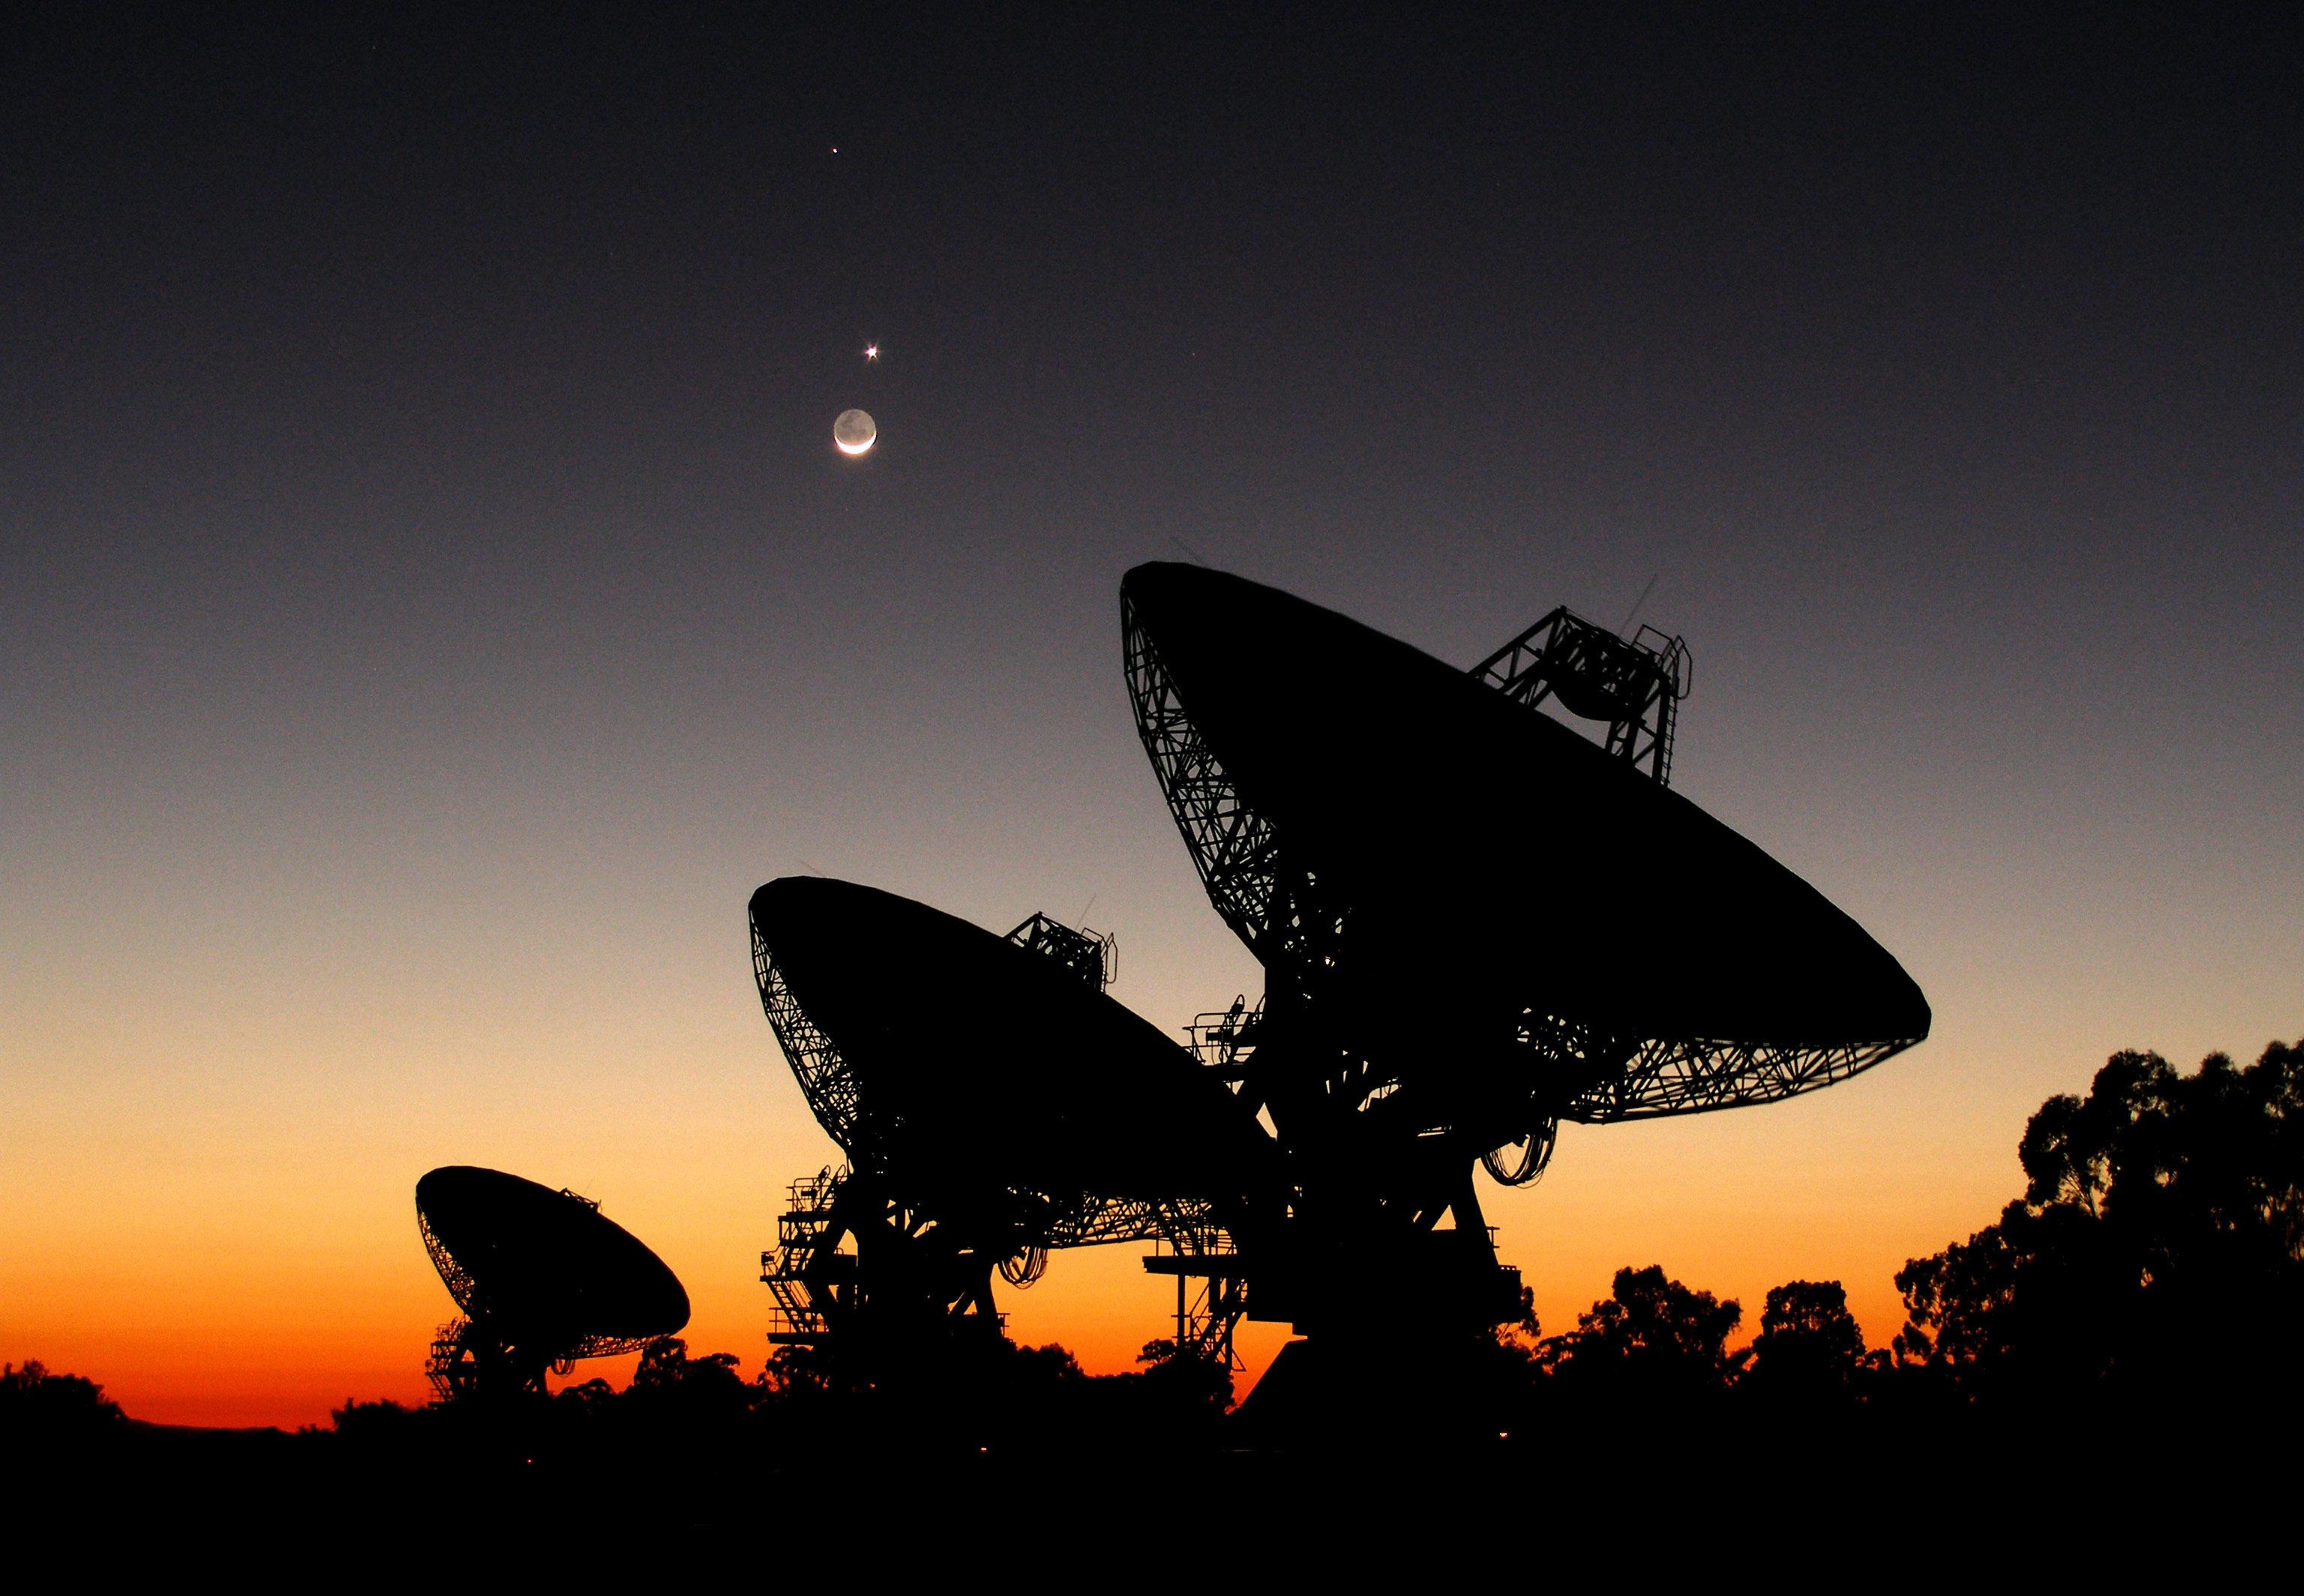 Radiotelescópios. As ondas de rádio são uma forma de radiação electromagnética, descrita pelas equações de Maxwell, que estão intimamente relacionadas com o teorema da divergência e o teorema de Stokes.